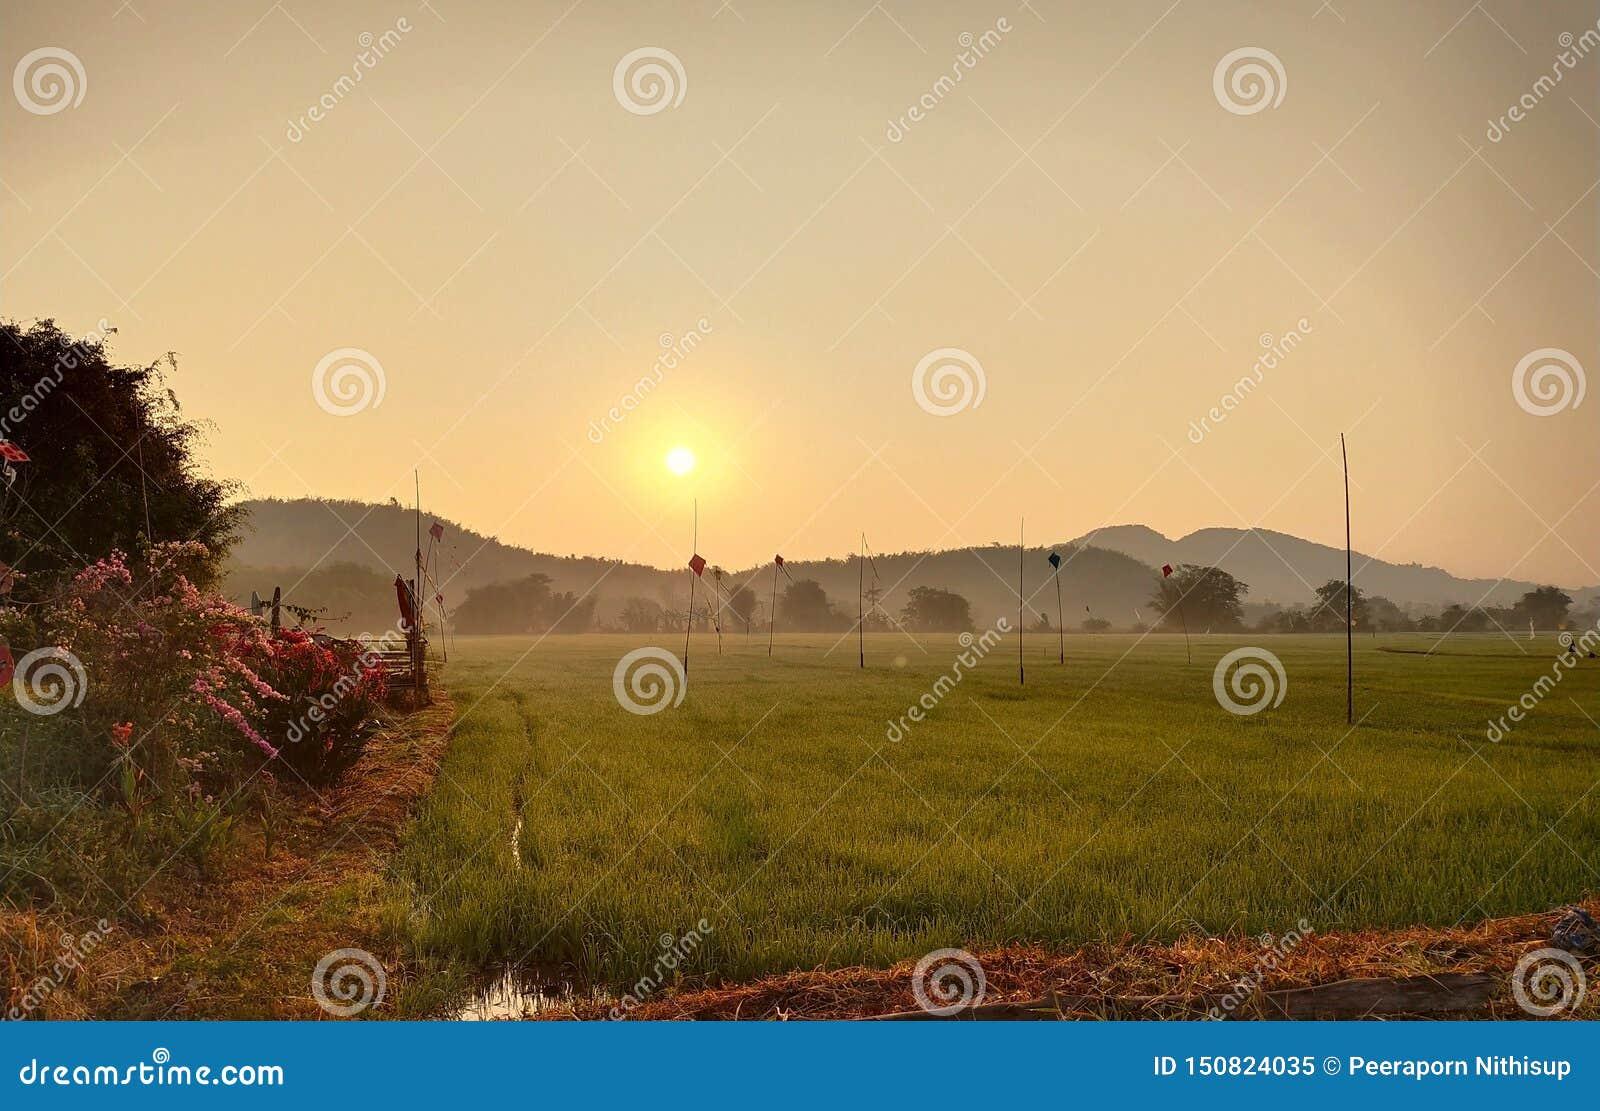 Восход солнца и обширные поля